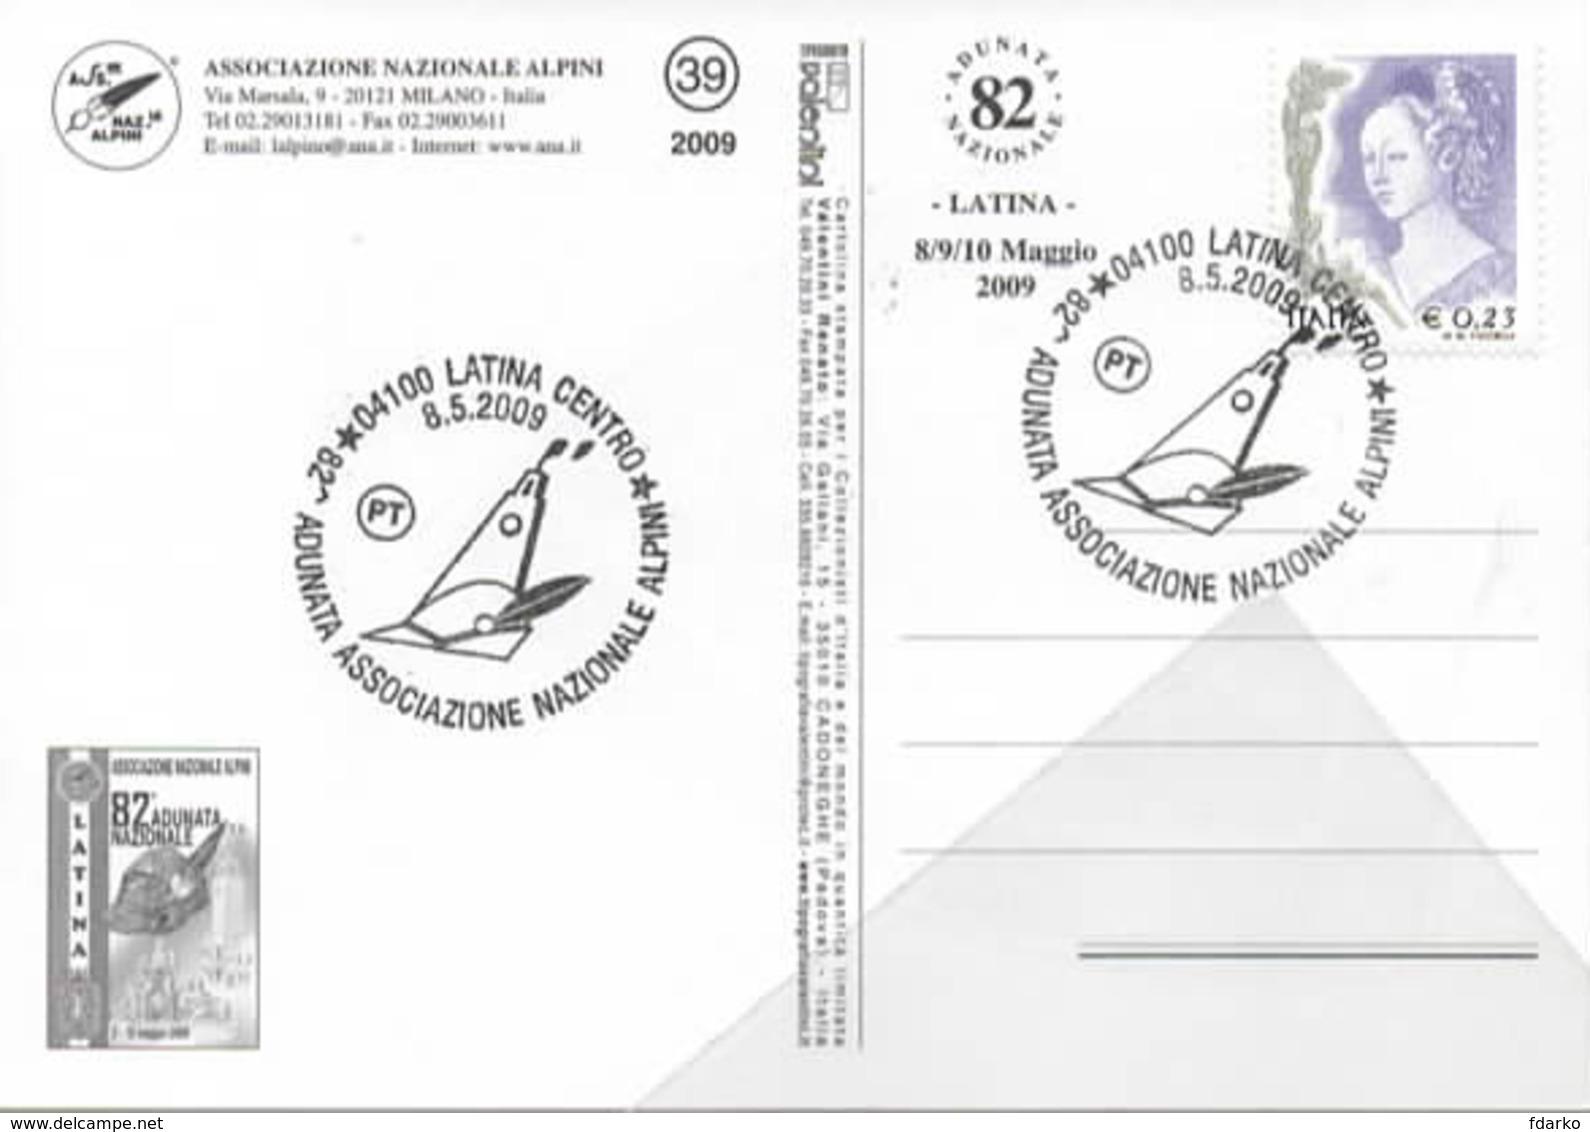 Brigata Alpina Cadore Adunata Nazionale Alpini Latina Lazio 8-5-2009 ANA - Manovre